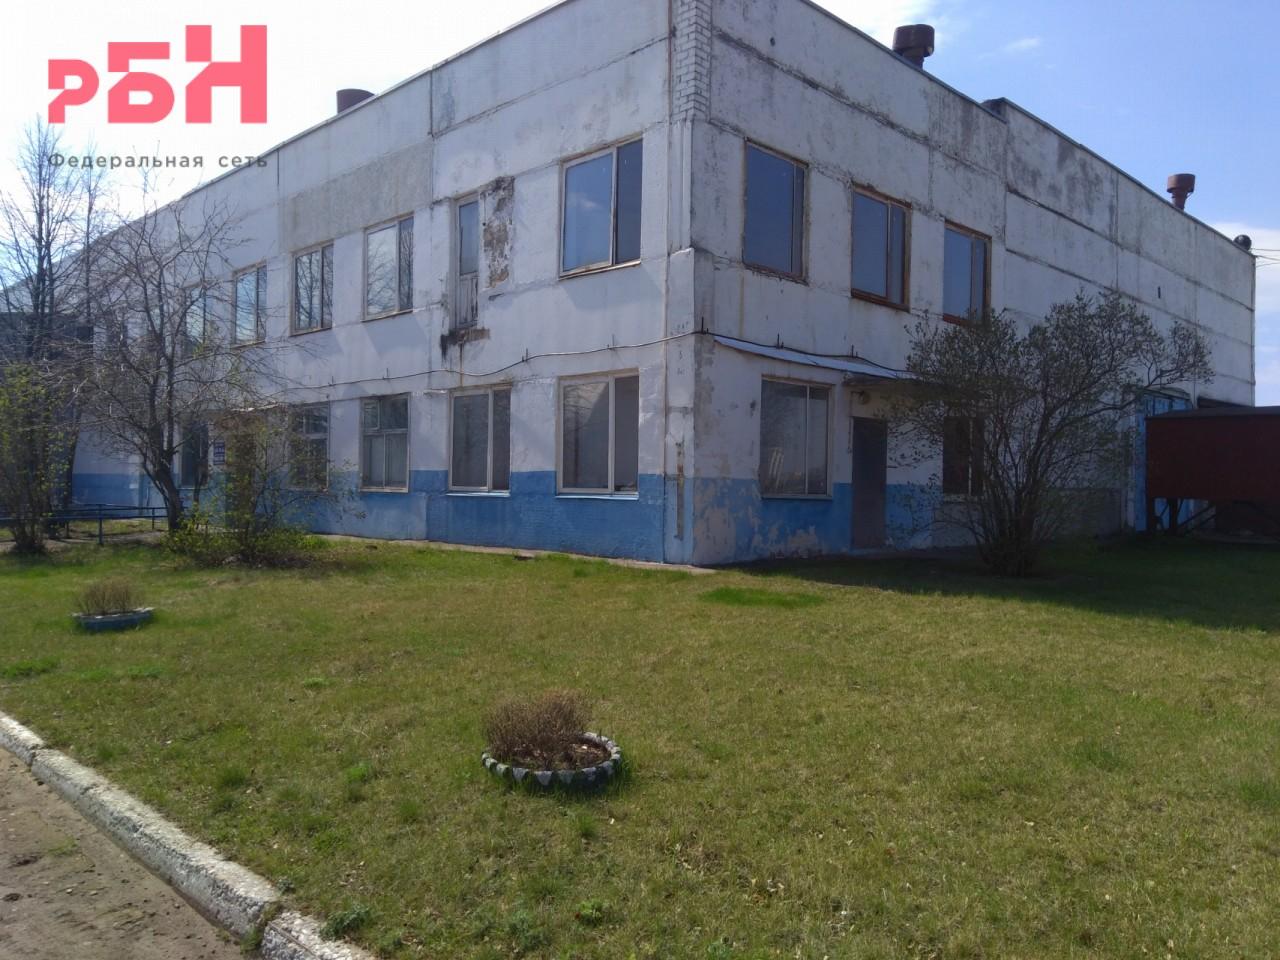 Продажа коммерческой недвижимости, 2014м <sup>2</sup>, Ульяновск, Генерала Маргелова проспект